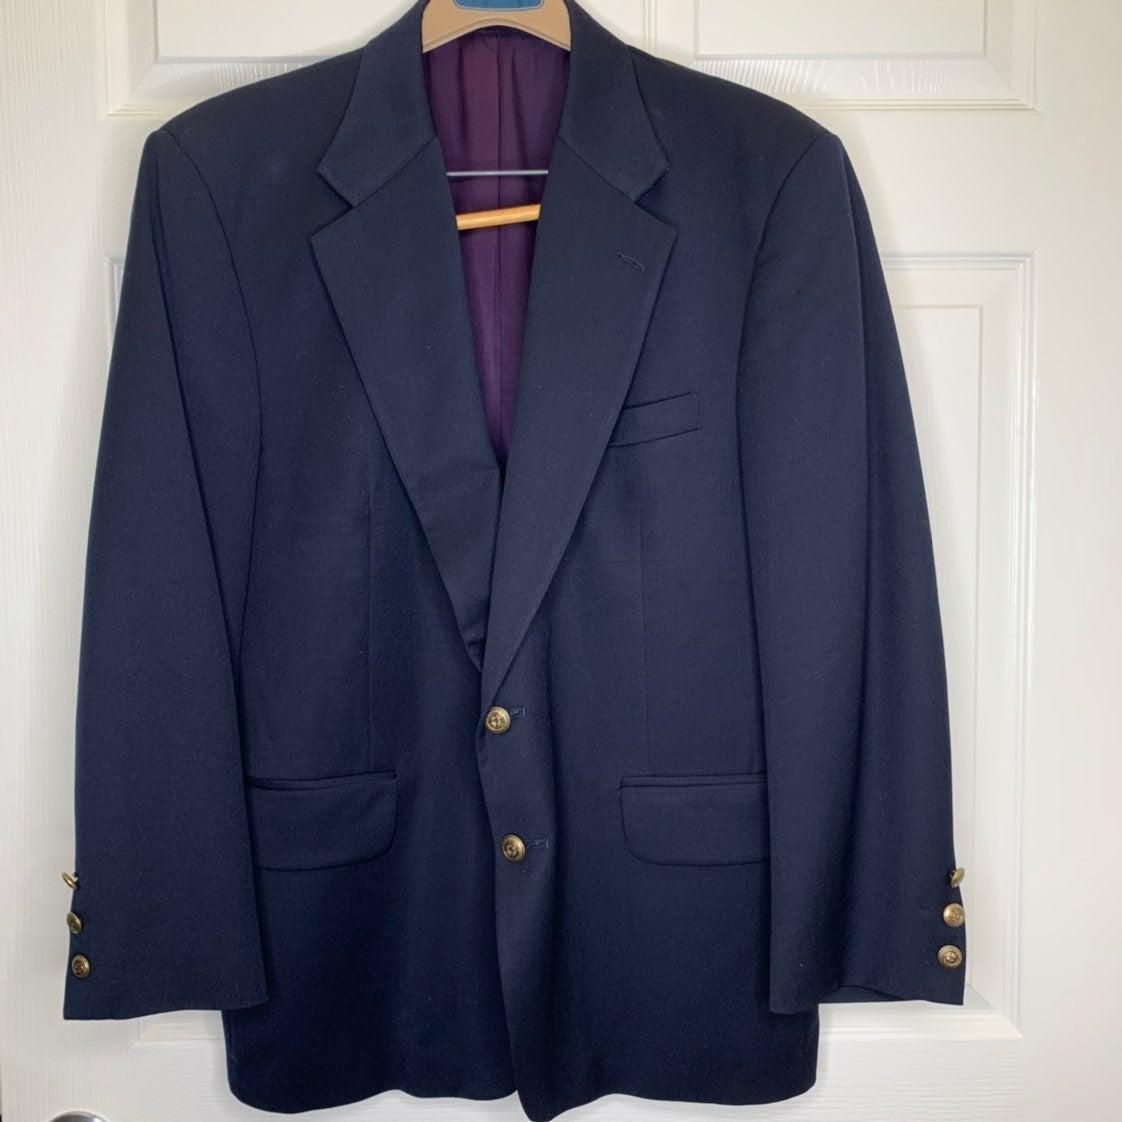 alfani suit jacket for man